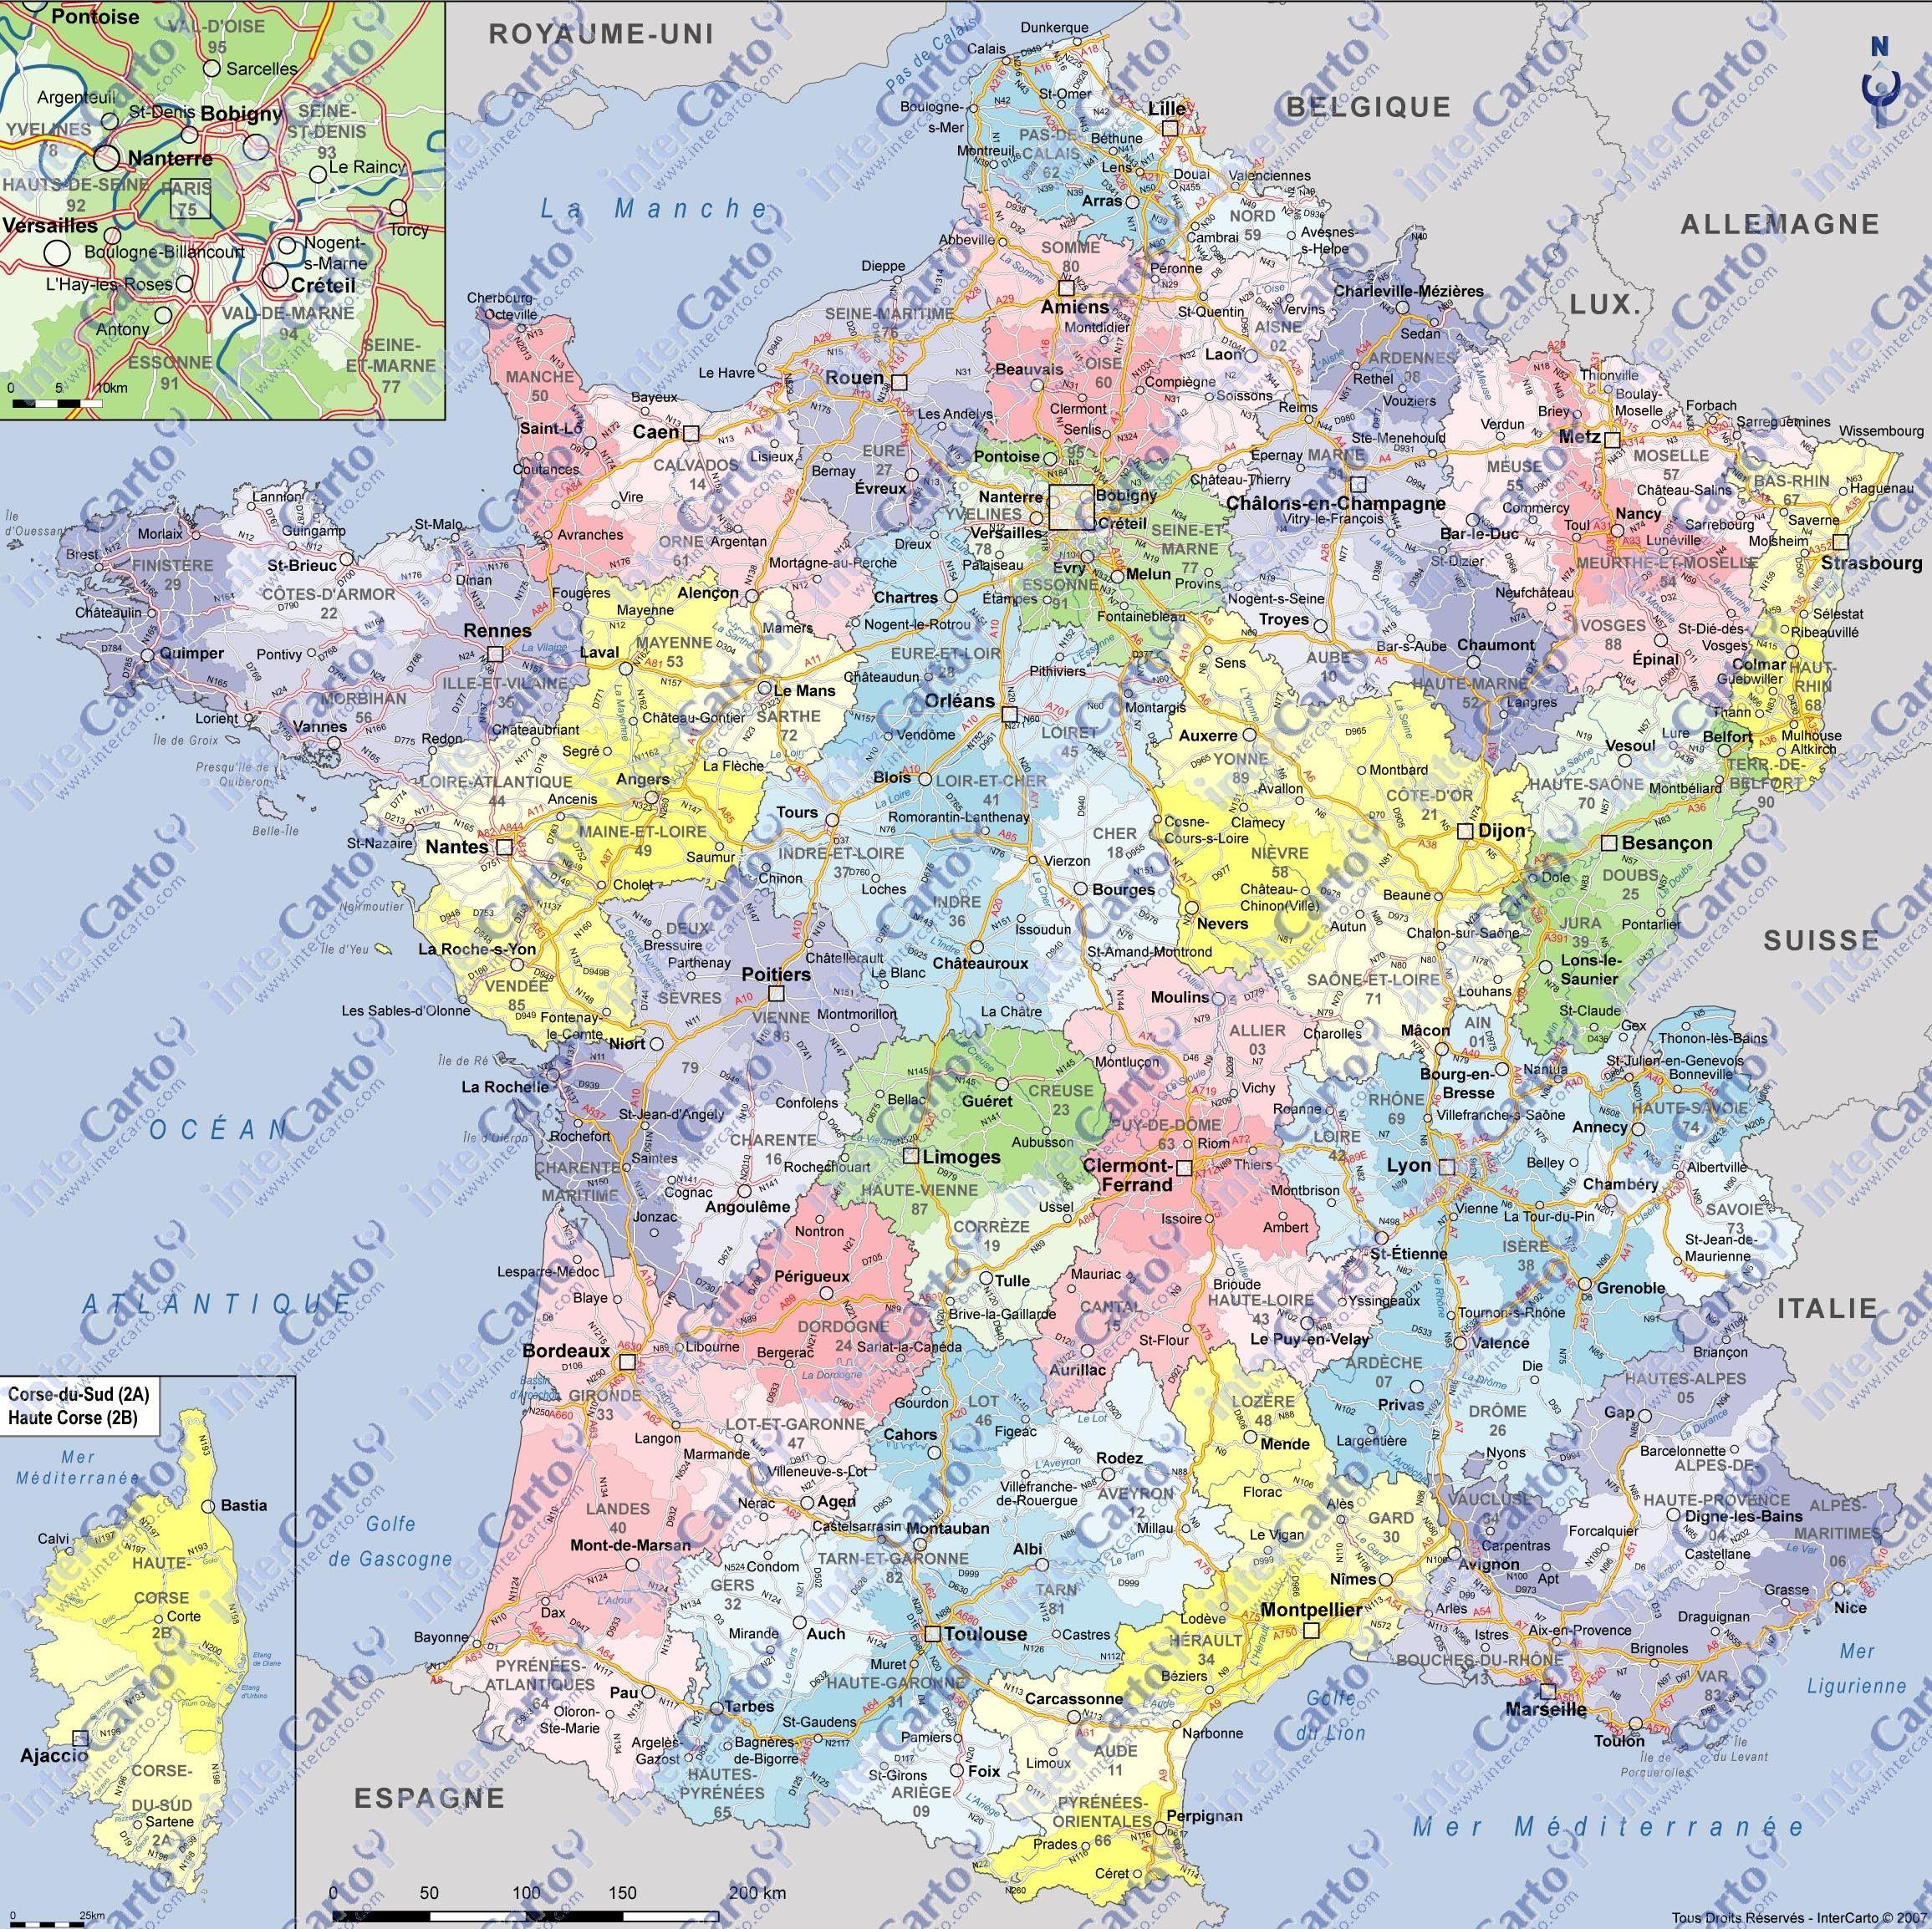 Carte De France Départements Villes Et Régions | Arts Et dedans Carte De France Des Départements